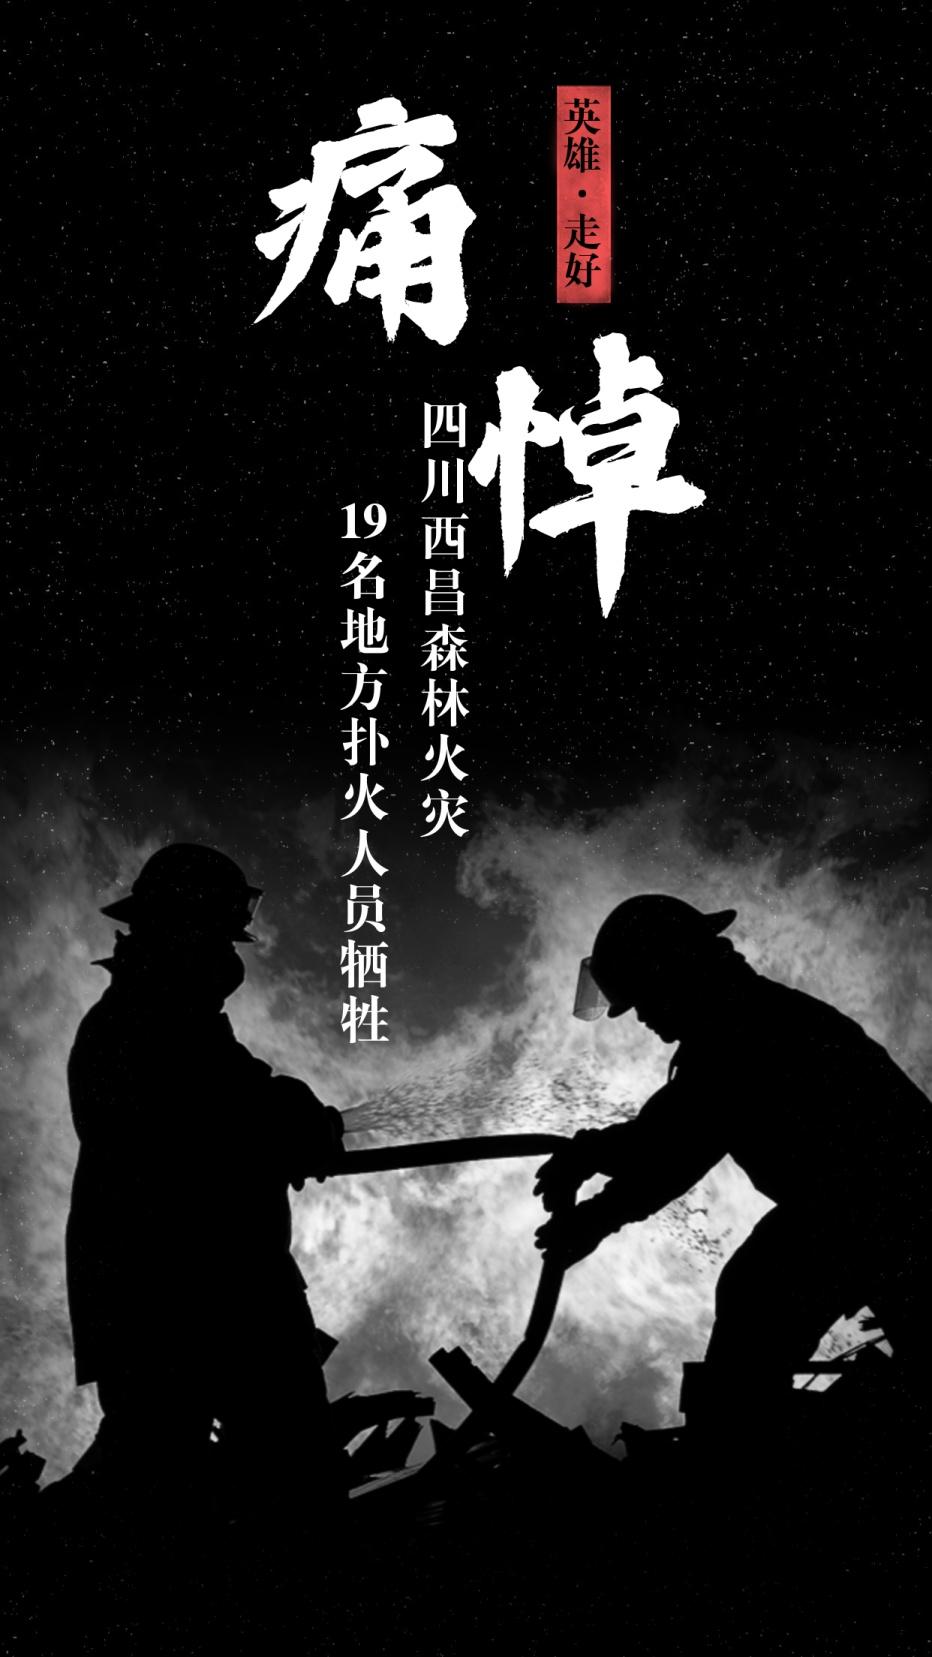 清明节哀悼灭火英雄悼念手机海报